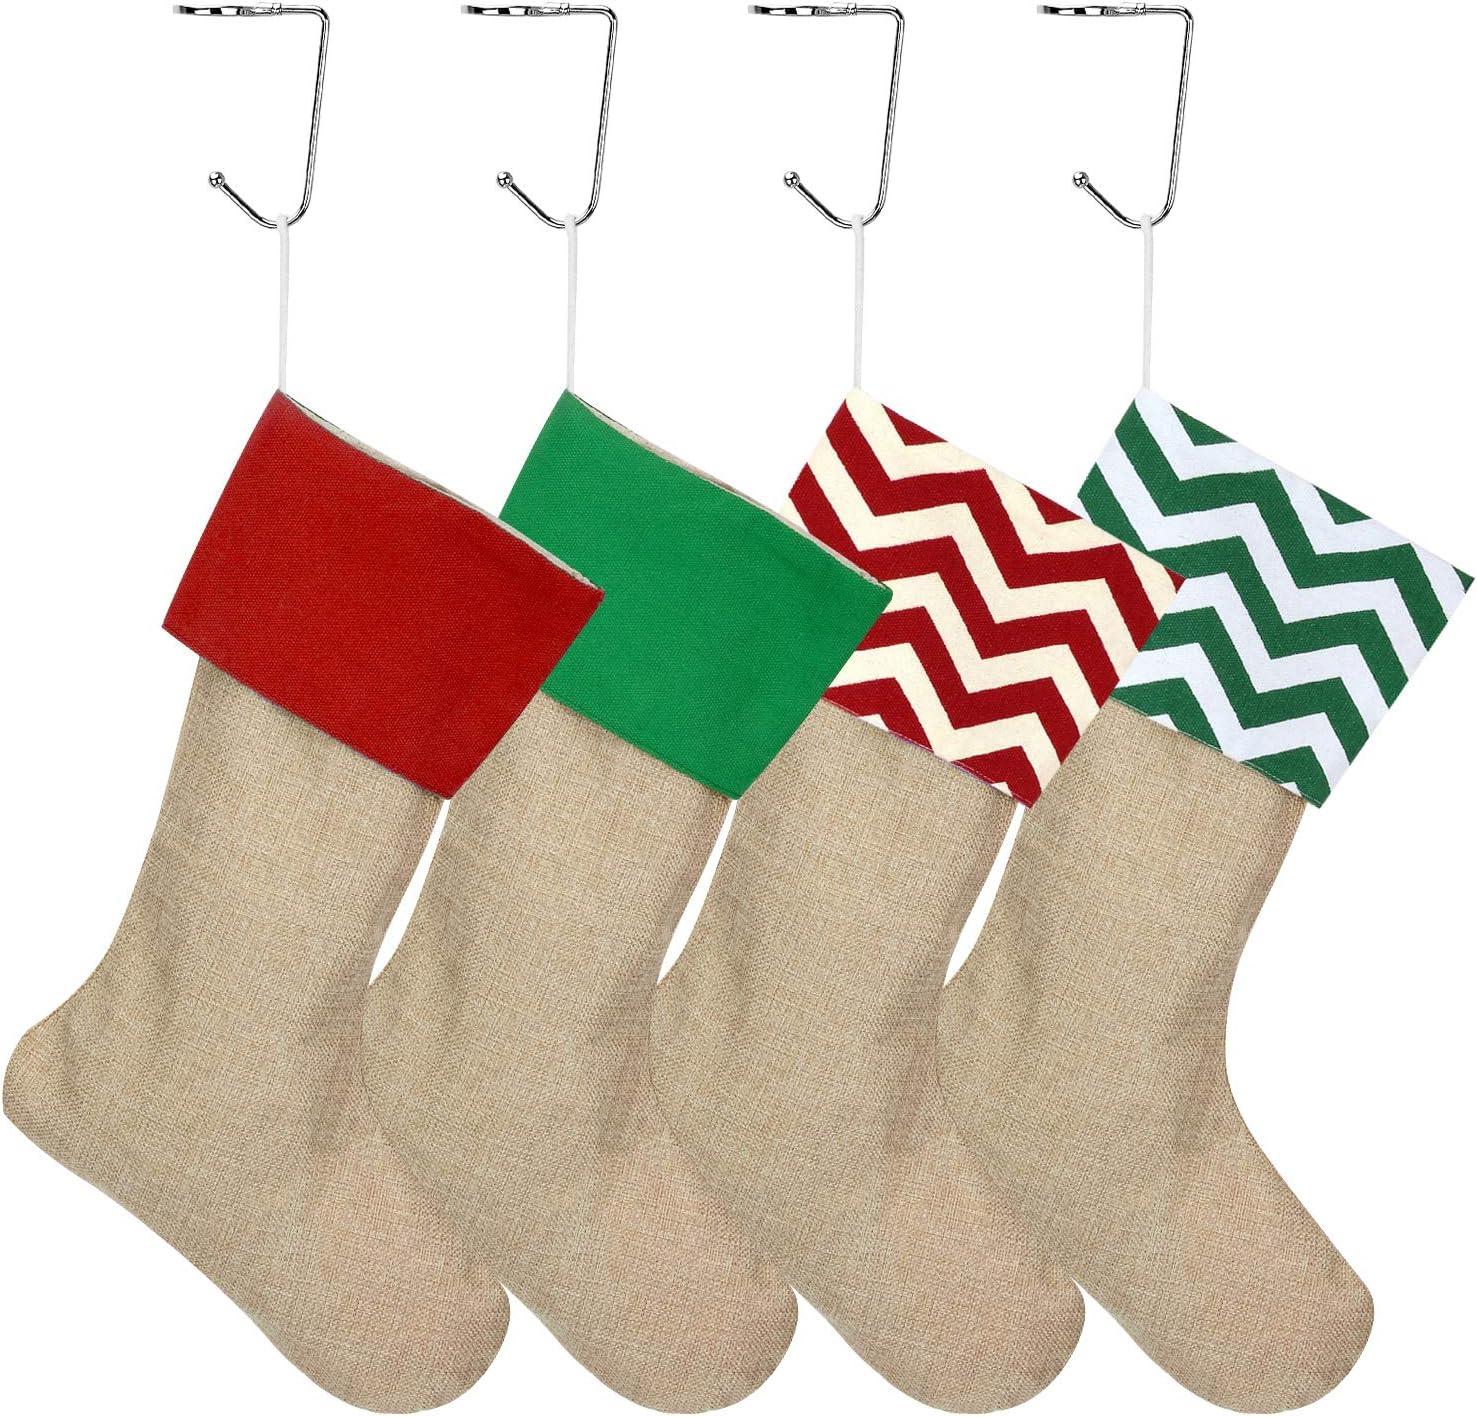 9 Christmas Hangers for Fireplace Xmas Mantel Holder Hooks with Non-Slip Design Blisstime Christmas Stocking Holders for Mantel